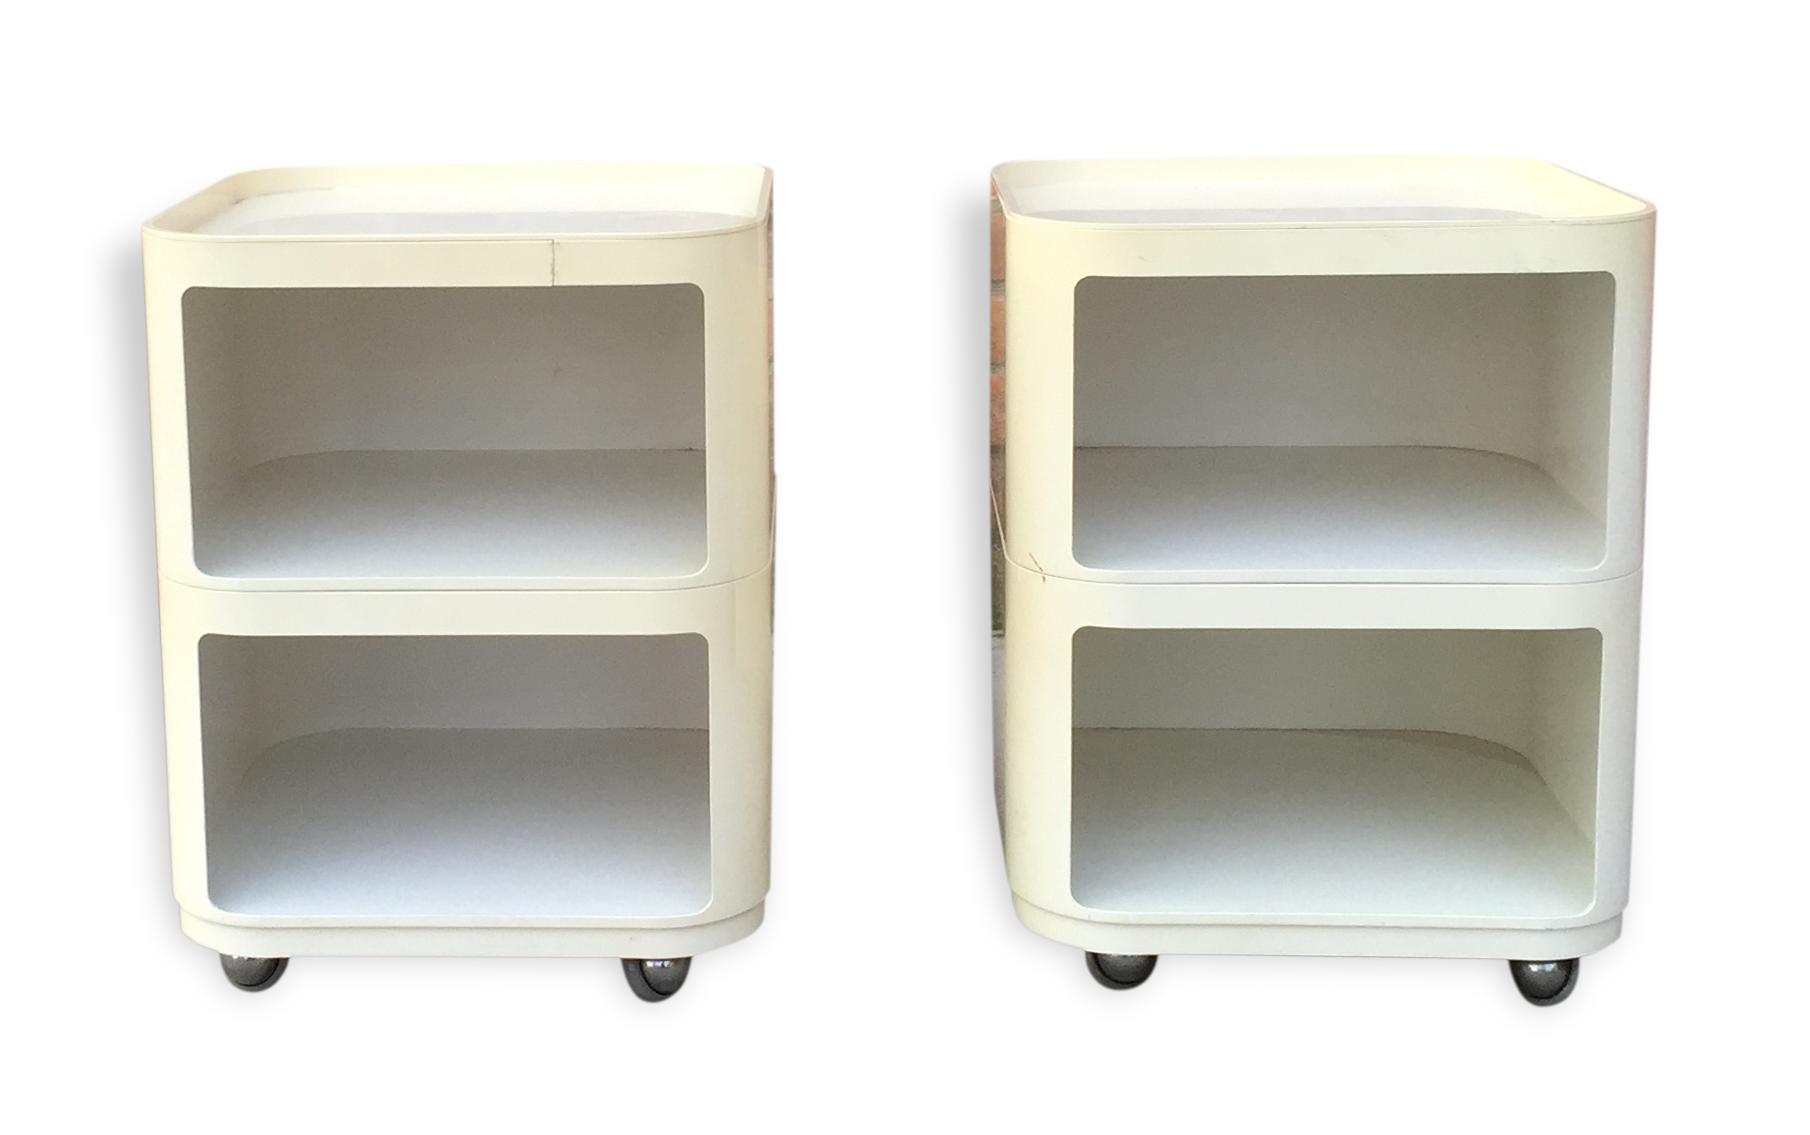 paire de table de chevet kartell pop - plastique - blanc - design